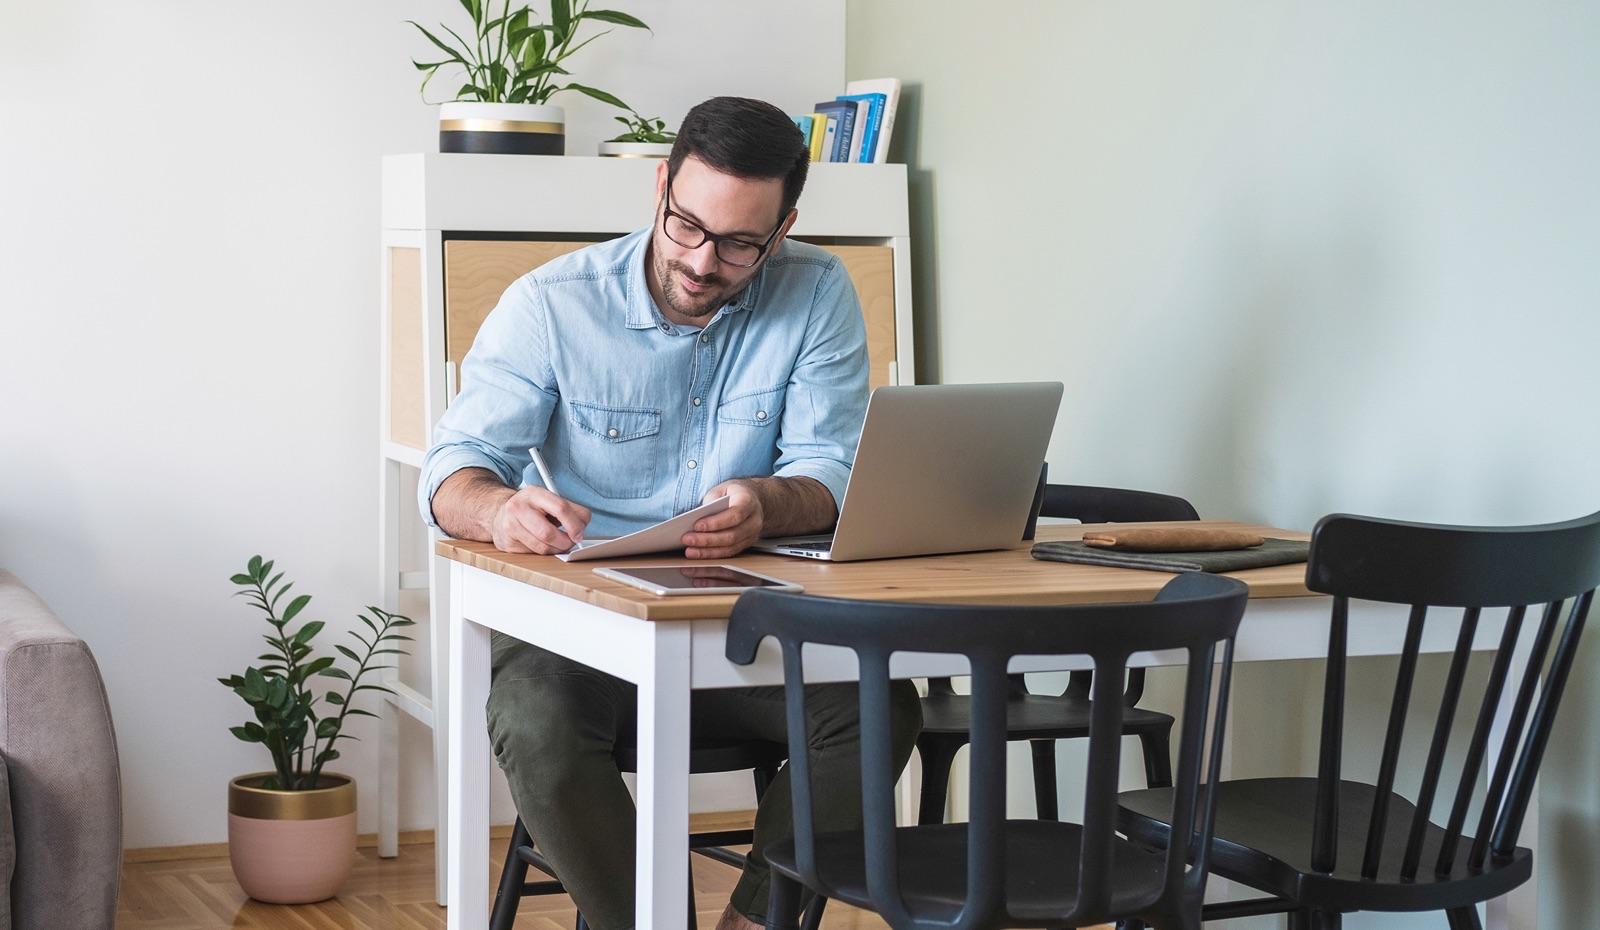 El impacto del teletrabajo en la experiencia de empleado